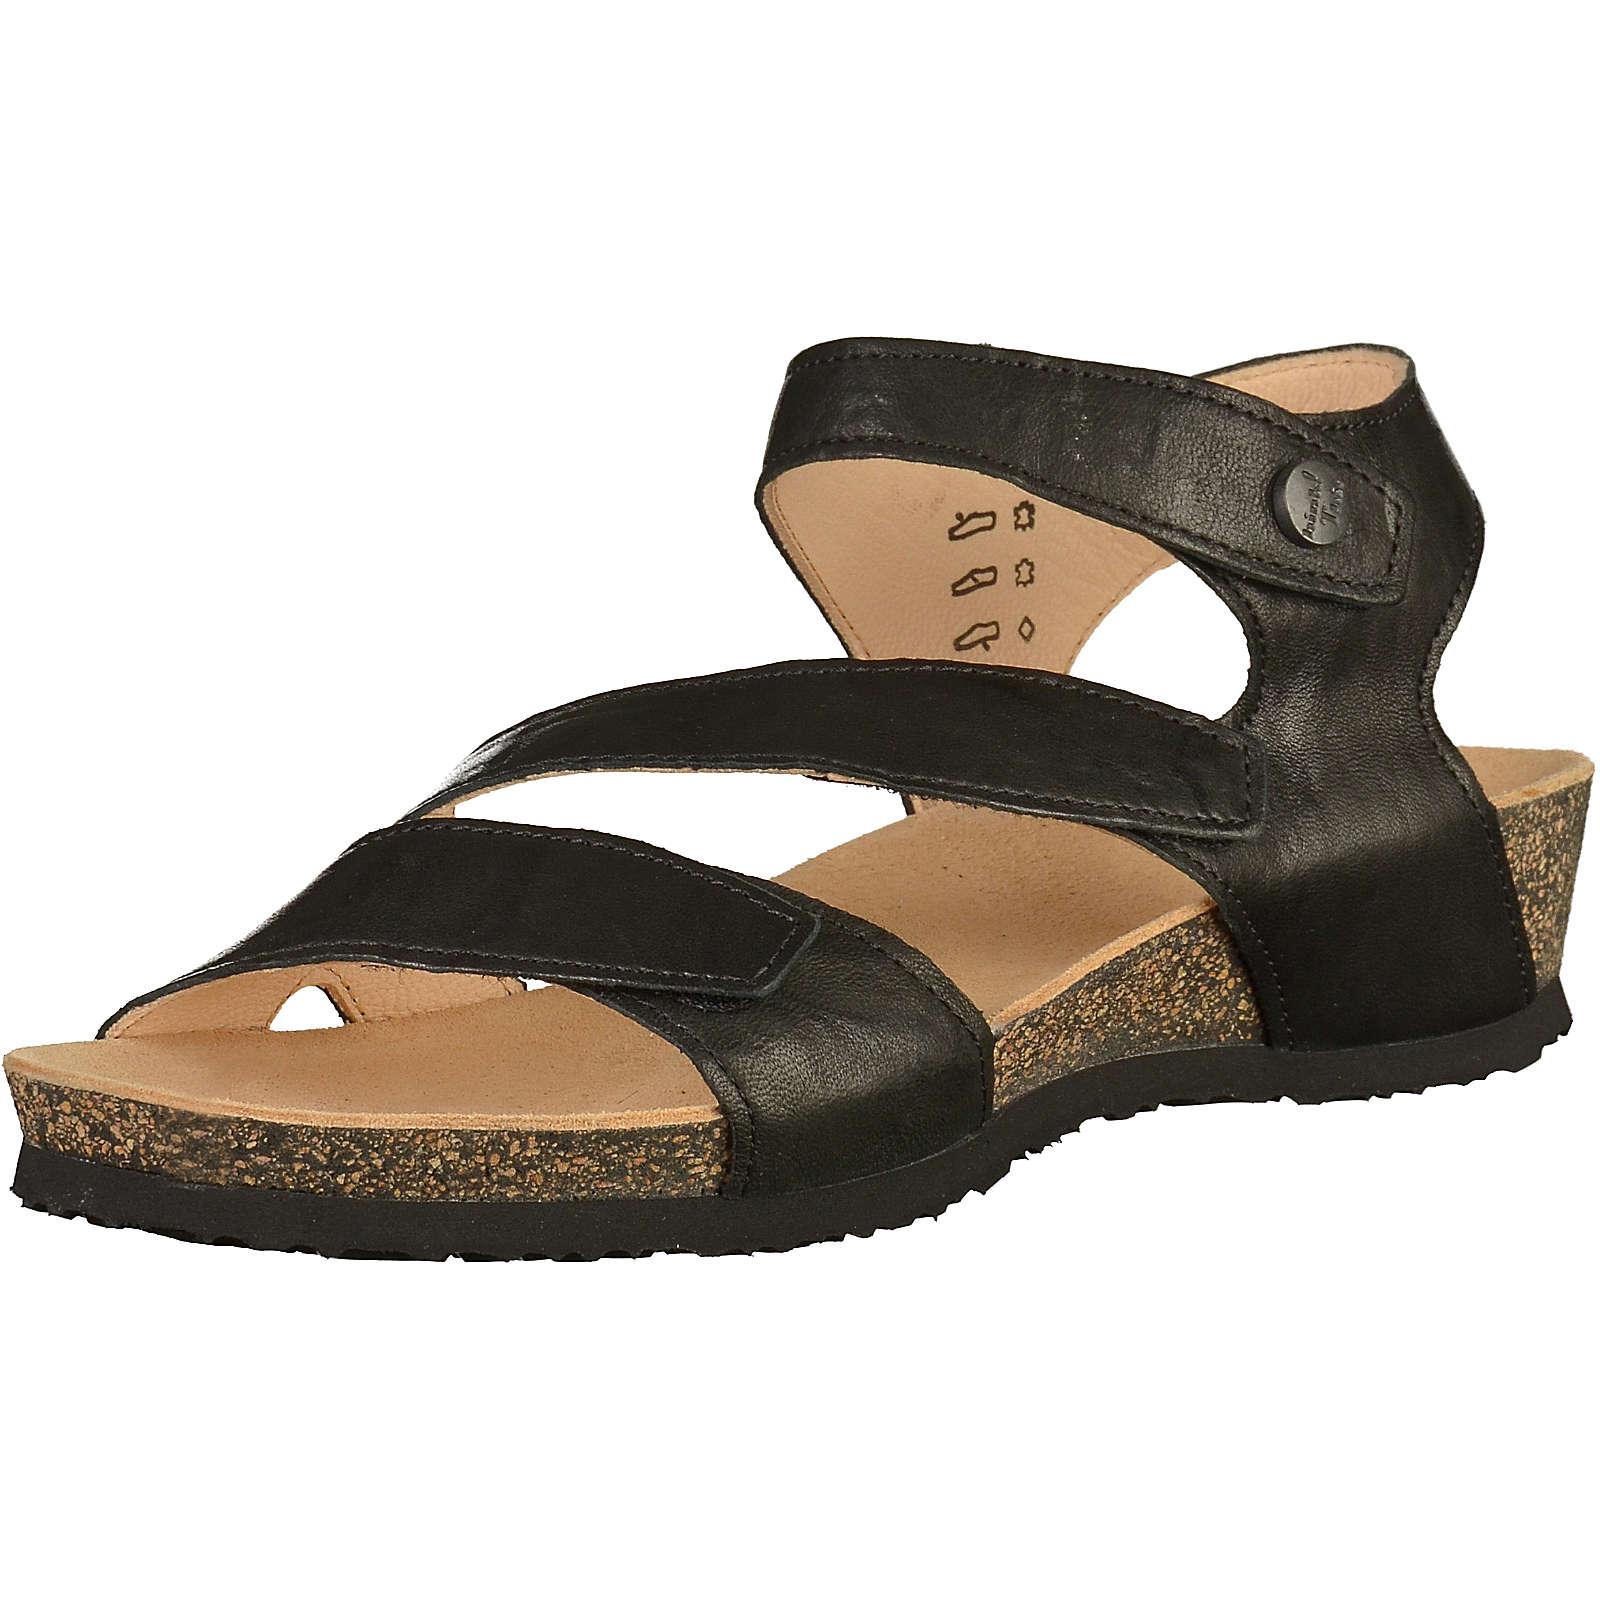 Think! Klassische Sandalen schwarz Damen Gr. 41